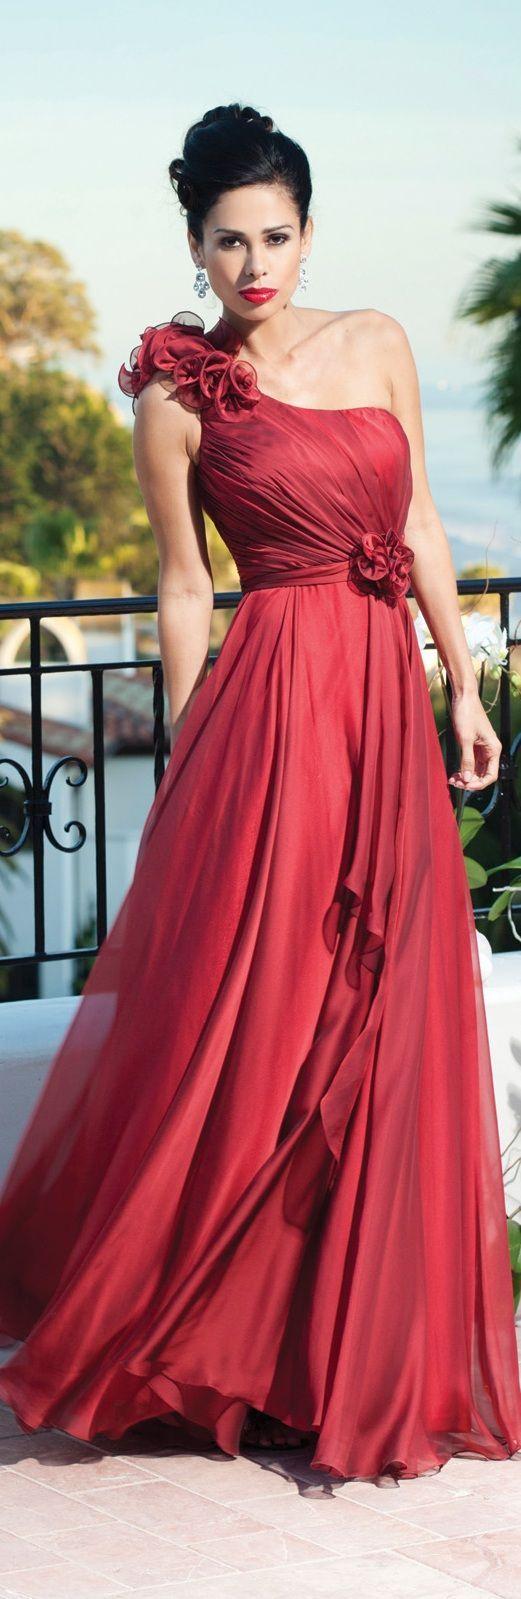 @roressclothes clothing ideas   #women fashion red maxi dress Kathy Ireland 2013